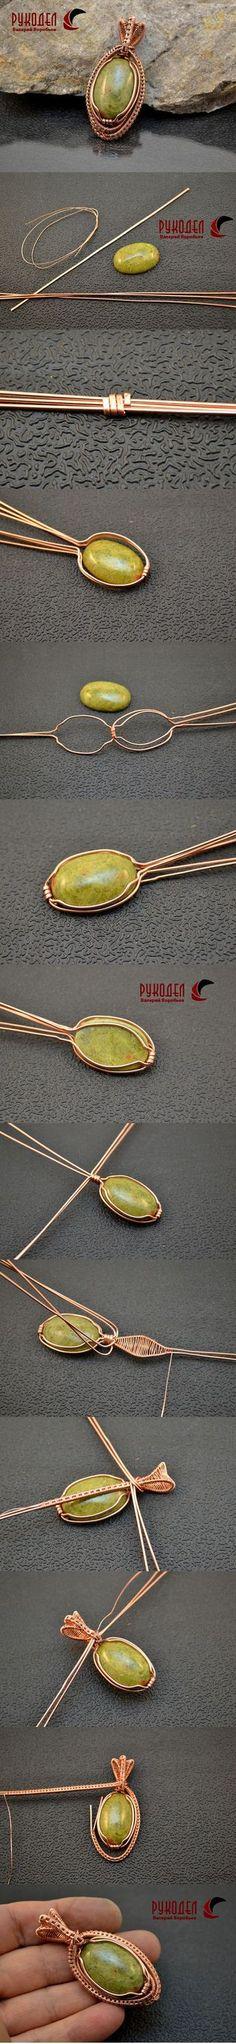 Colgante de alambre y cabujón trenzado. | - Crafts en Anatolyevich